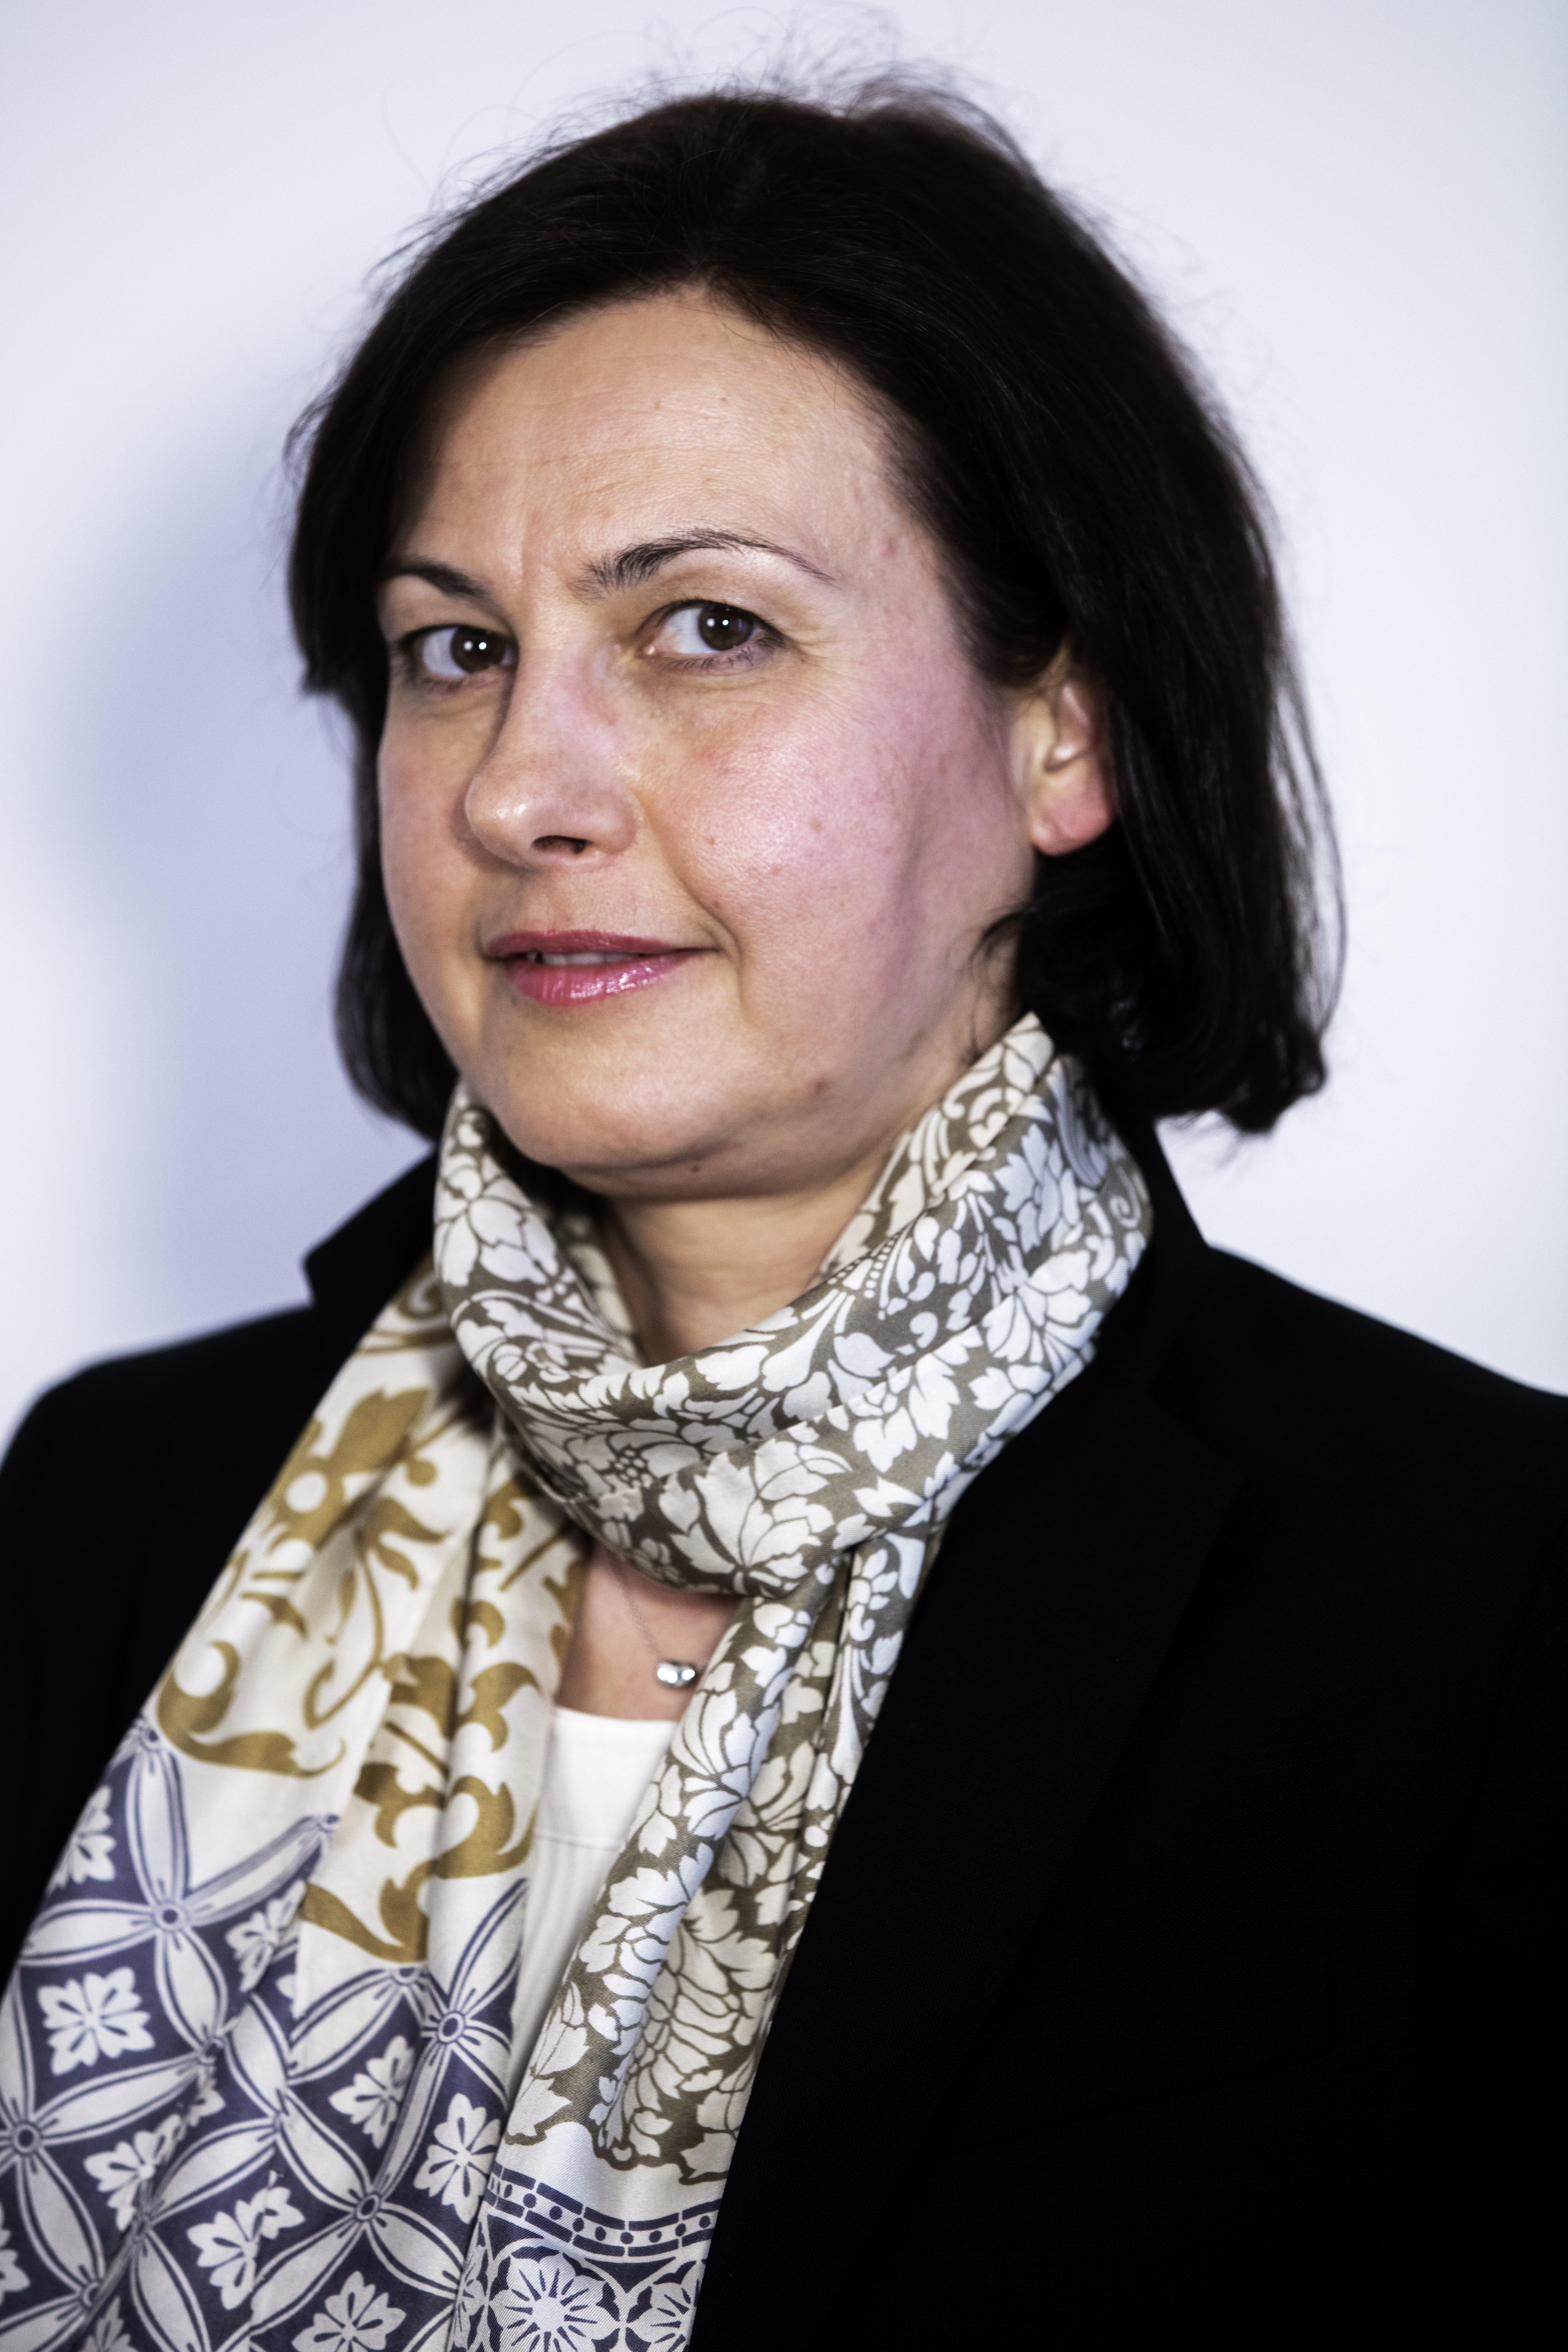 Jasmina Ibrahimagic